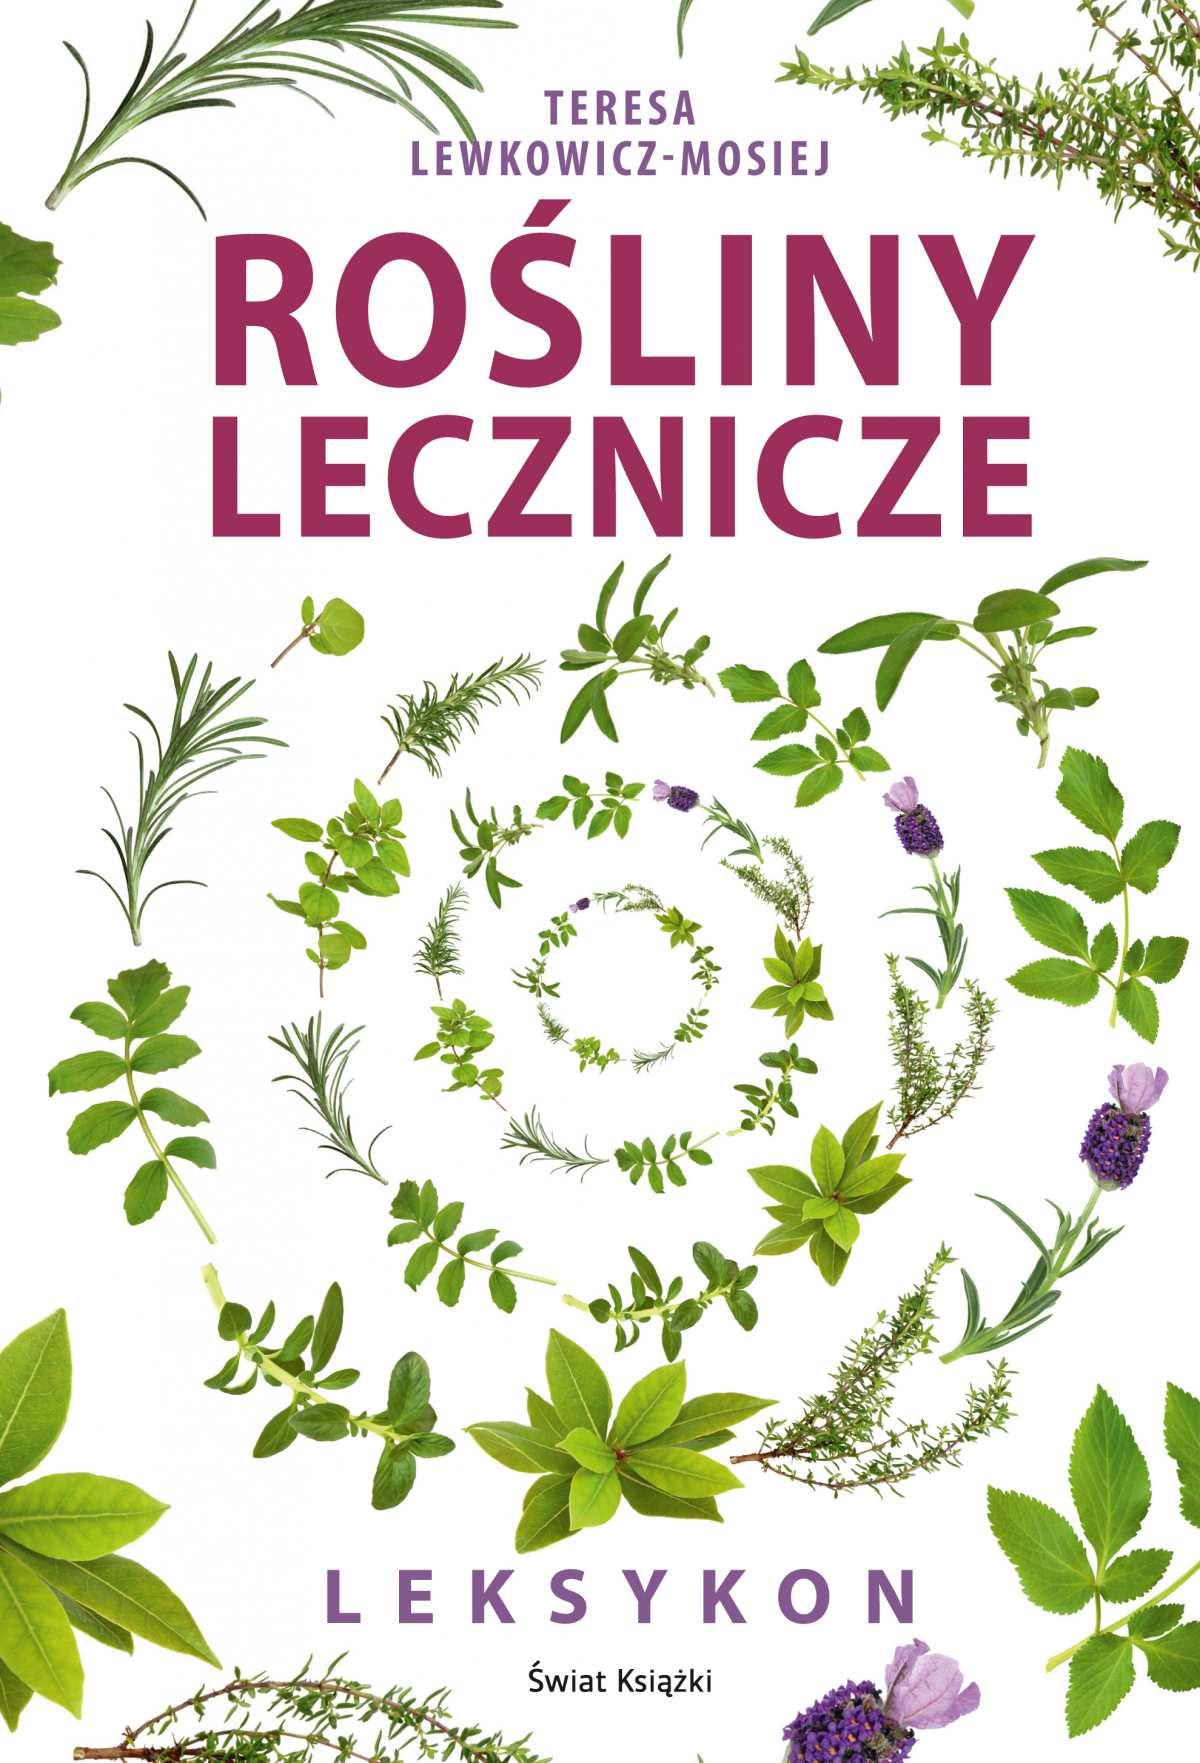 Rośliny lecznicze - leksykon - Ebook (Książka na Kindle) do pobrania w formacie MOBI